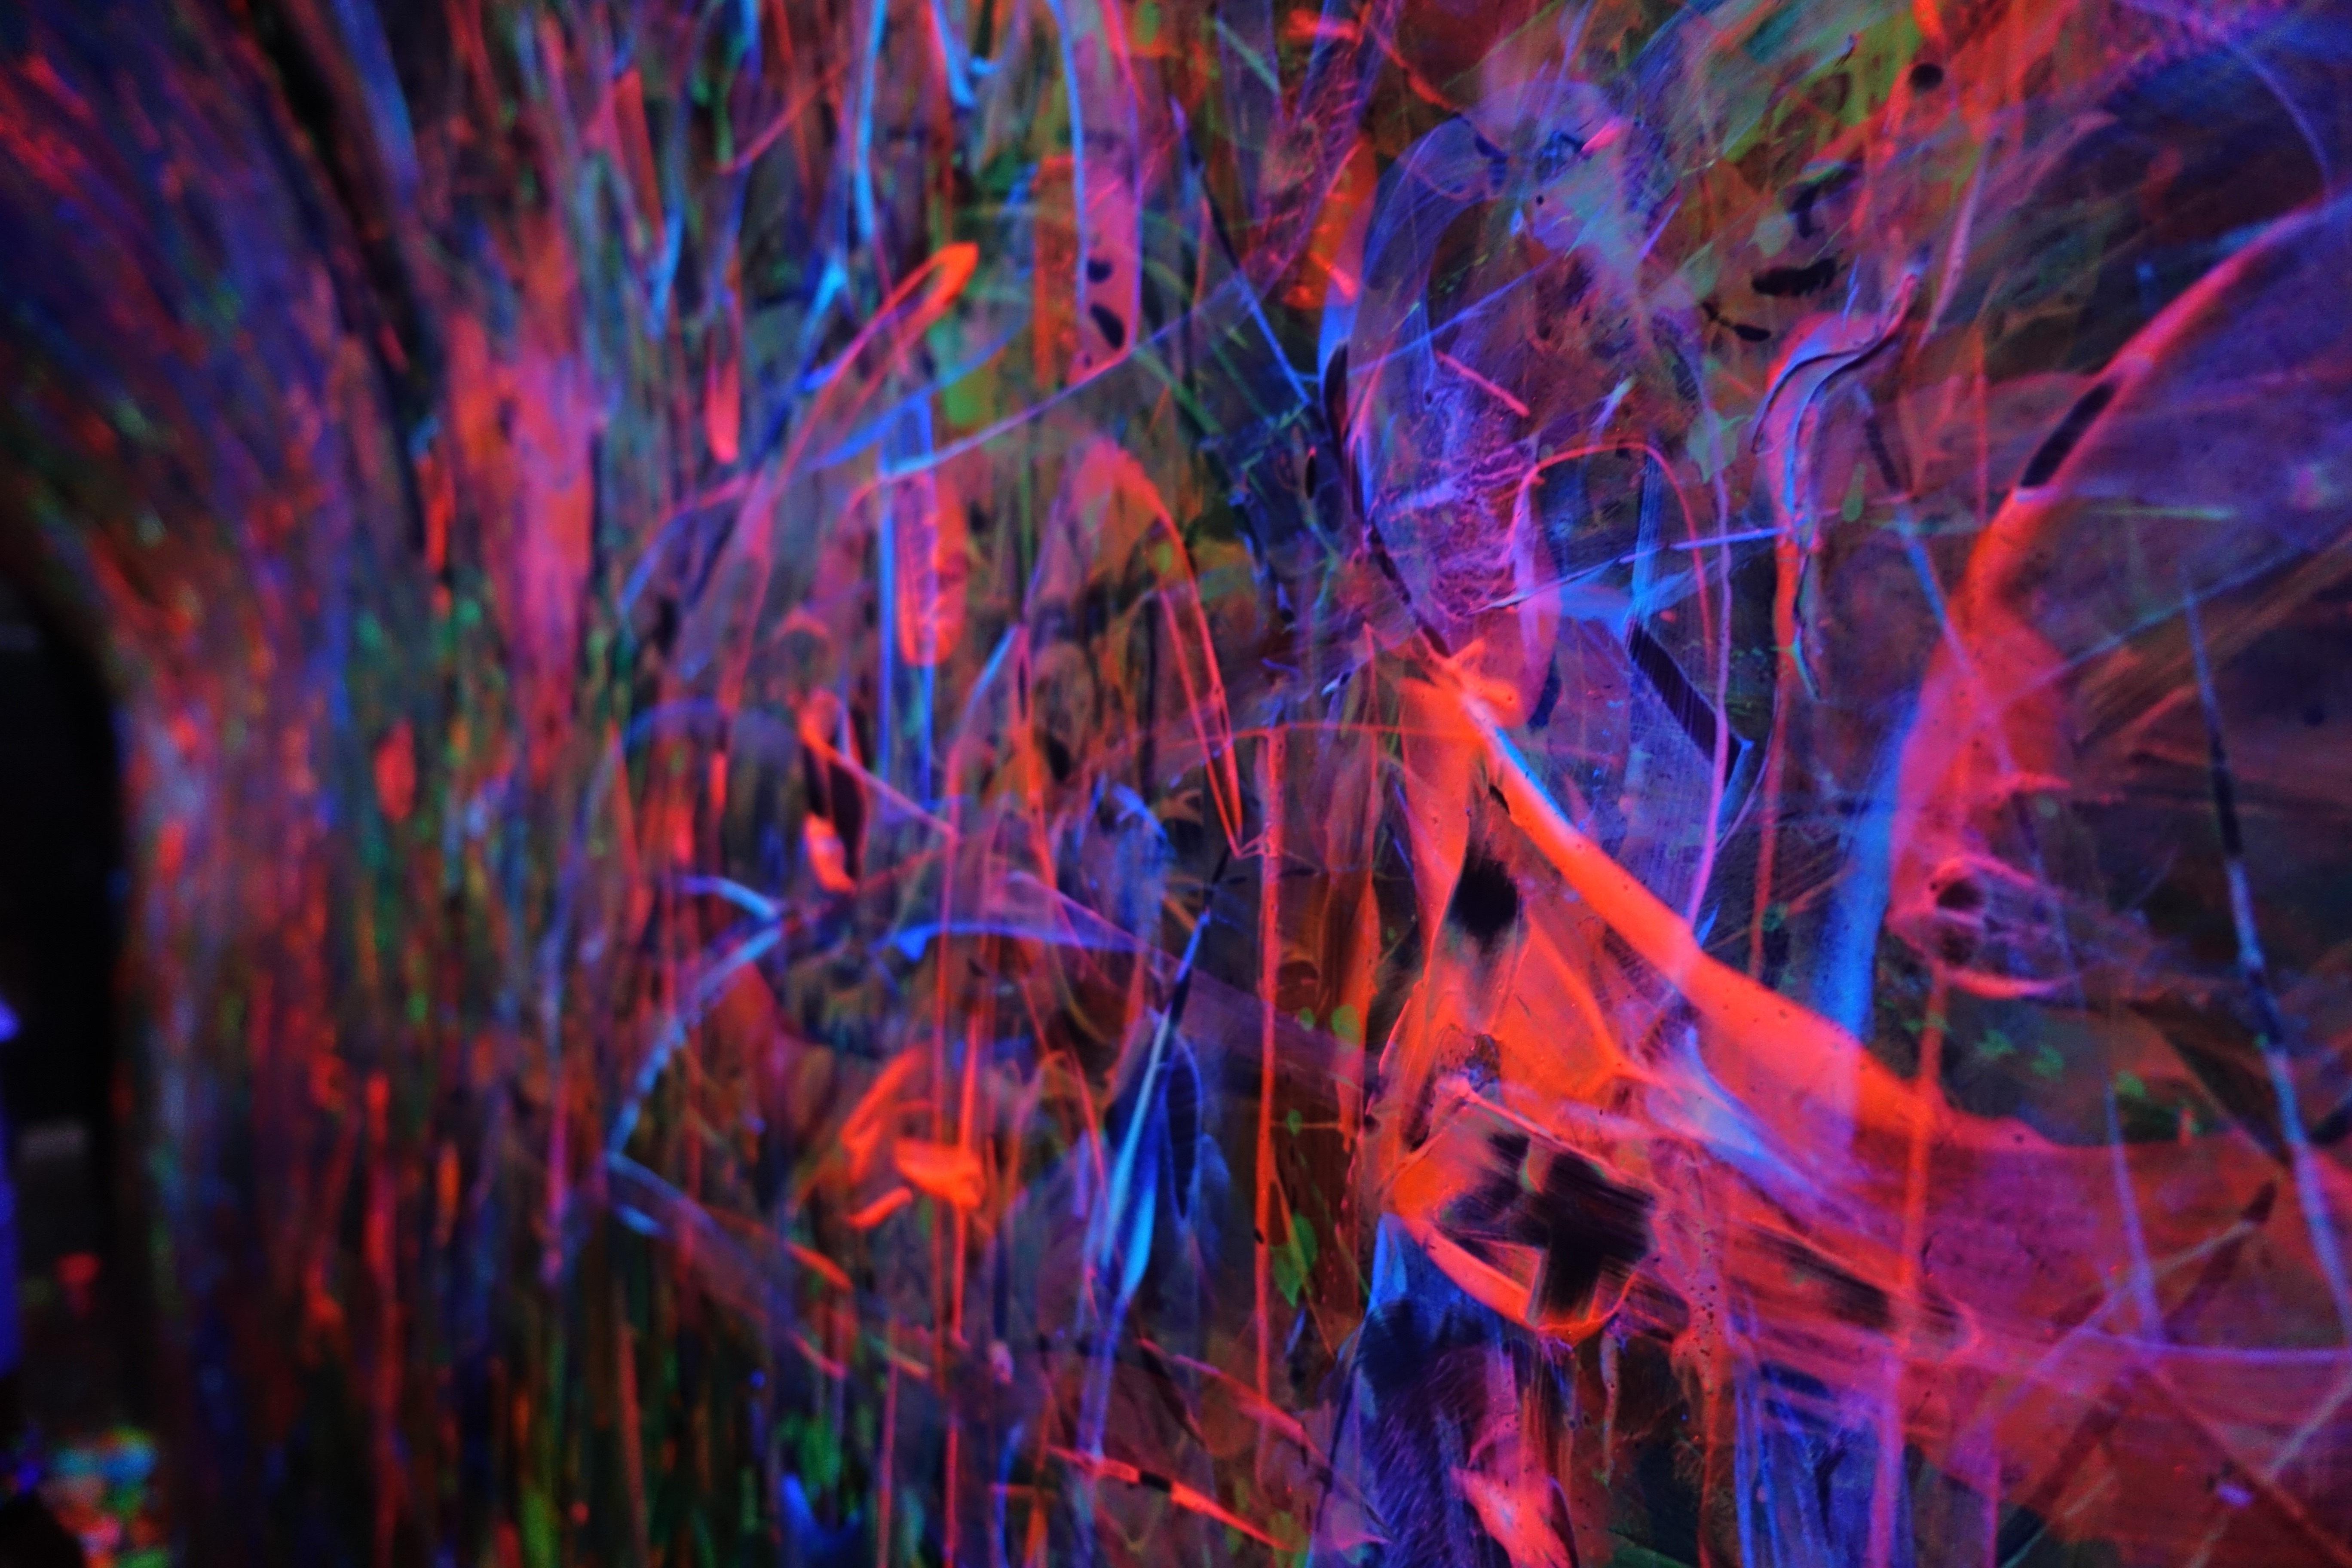 Fotos Gratis Ligero Abstracto Pared Color Brillo